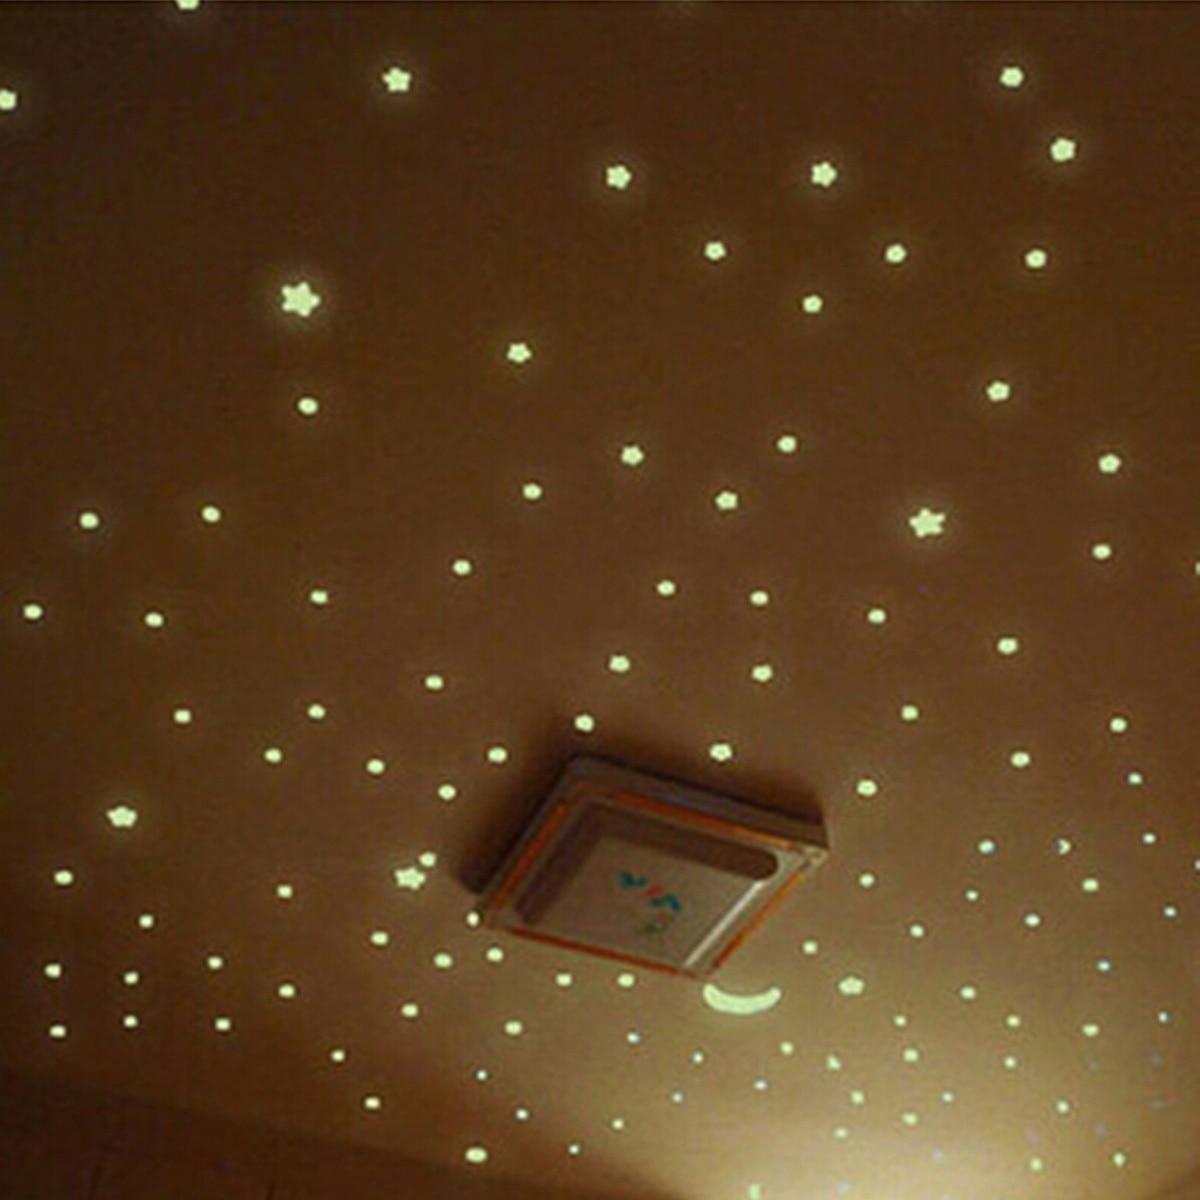 100Pcs Noctilucent Sticker / Vinyl Wall sticker Star Design in sky Bright Shining in dark Kitchen decoration Home Fluorescent